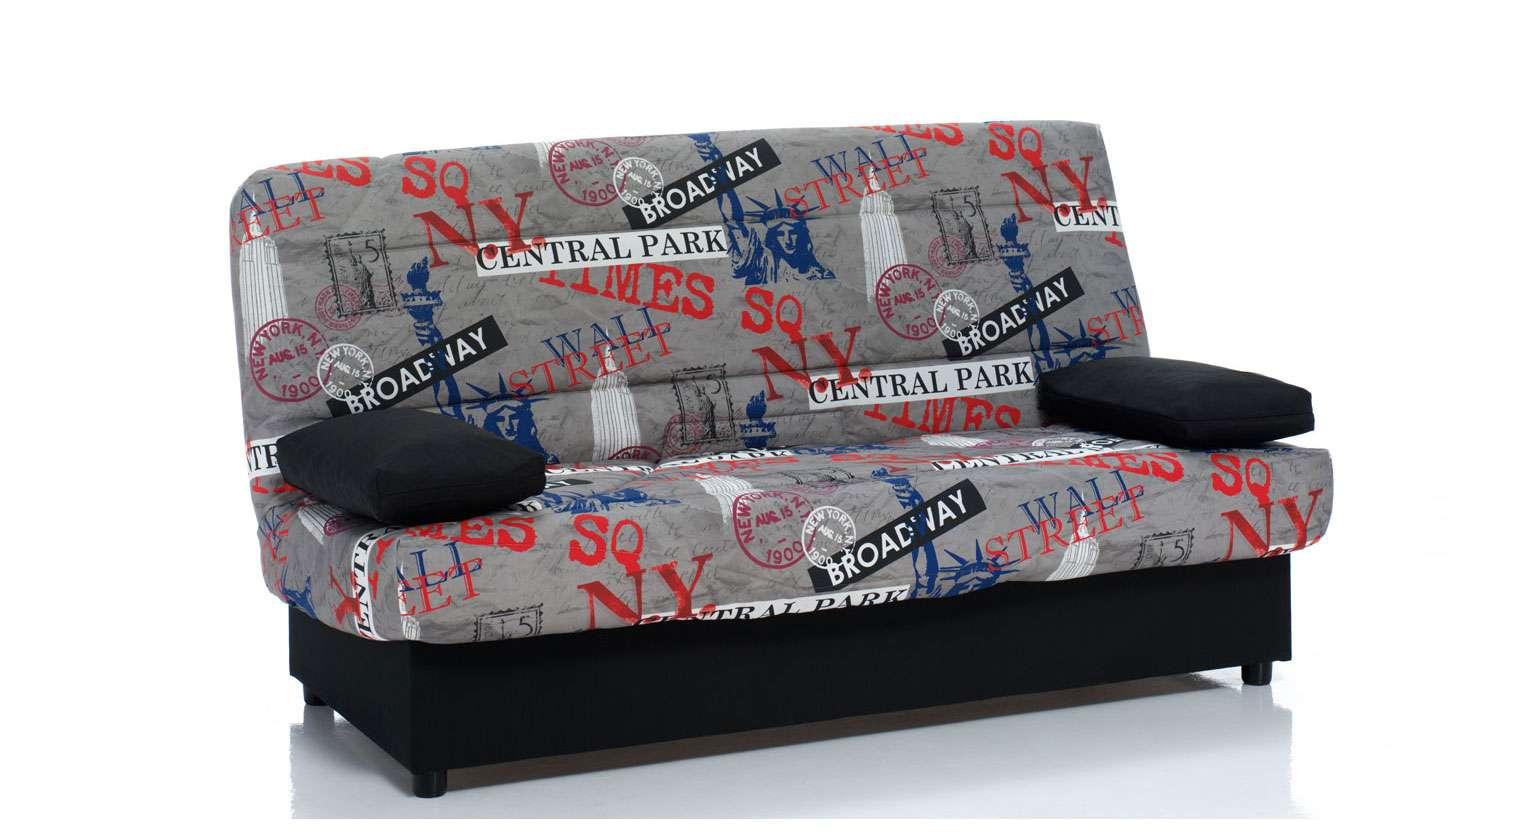 tiendas sofas cama baratos madrid simmons harbortown sofa big lots clic clac precios y ofertas tierra